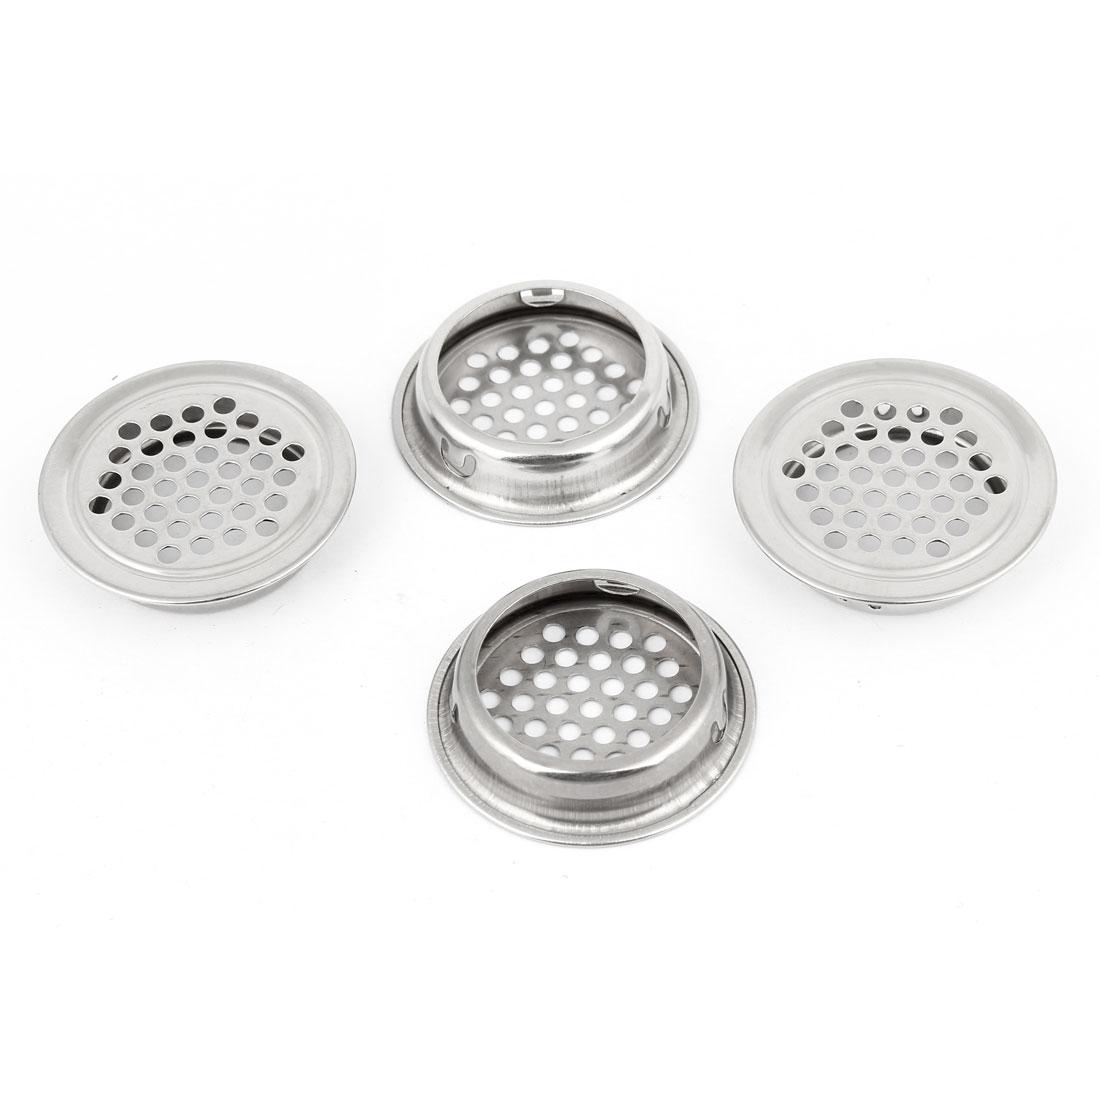 4 Pcs Silver Tone Kitchen 42mm Upper Dia Metal Mesh Air Vent Louver